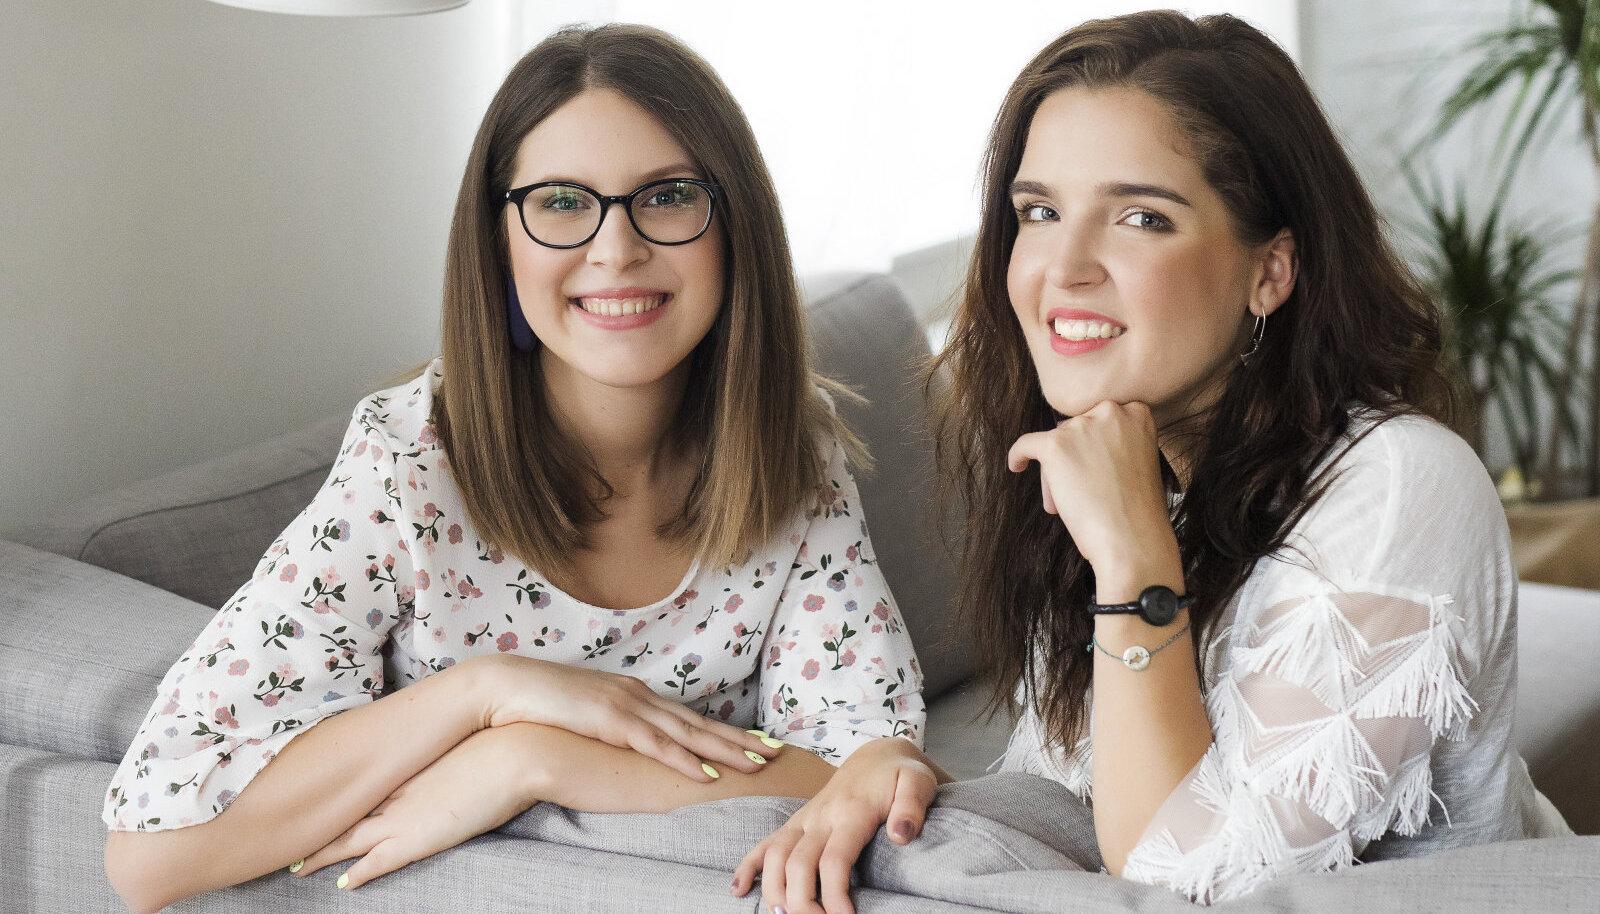 Keilit ja Britta on olnud sõbrannad keskkooli ajast saati ja neid ühendab ka sarnane kogemus HPVga. | Fotod: Krõõt Tarkmeel, erakogu  Jumestus: Kaisa Kullamaa